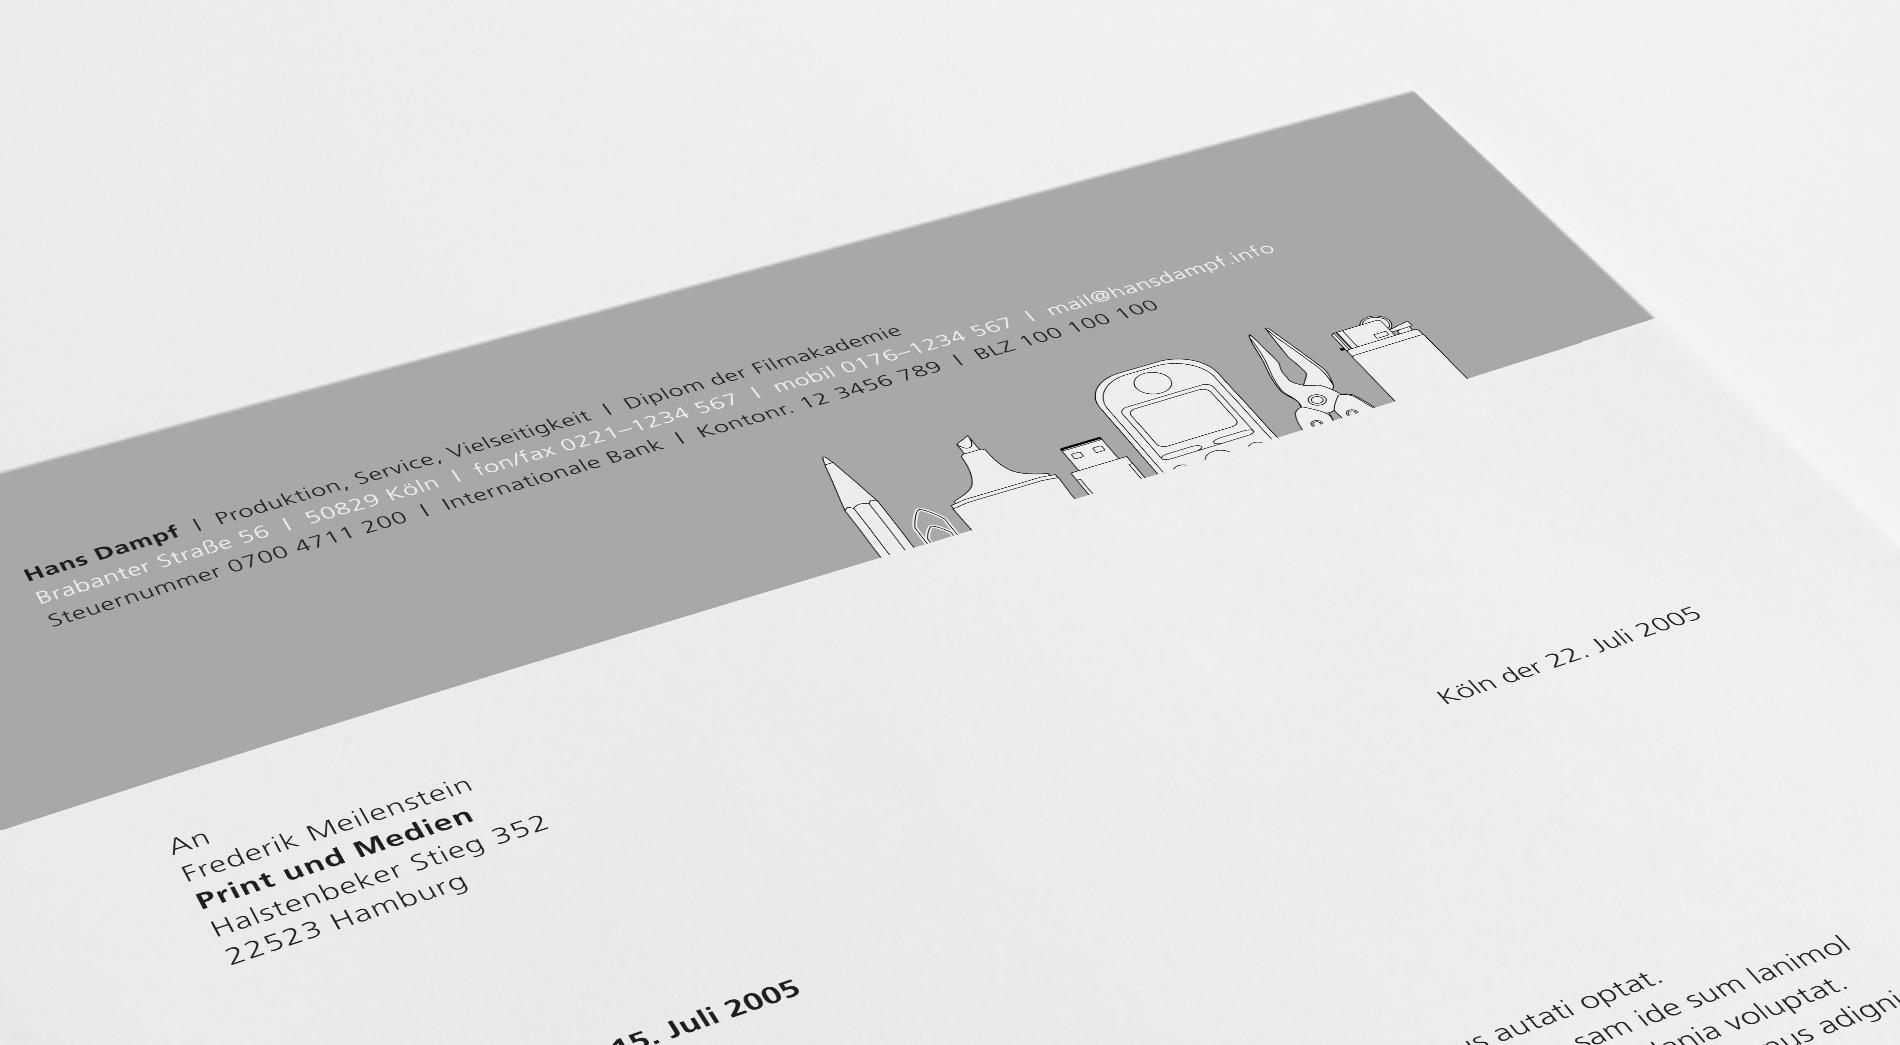 Briefpapier eines Produktioners